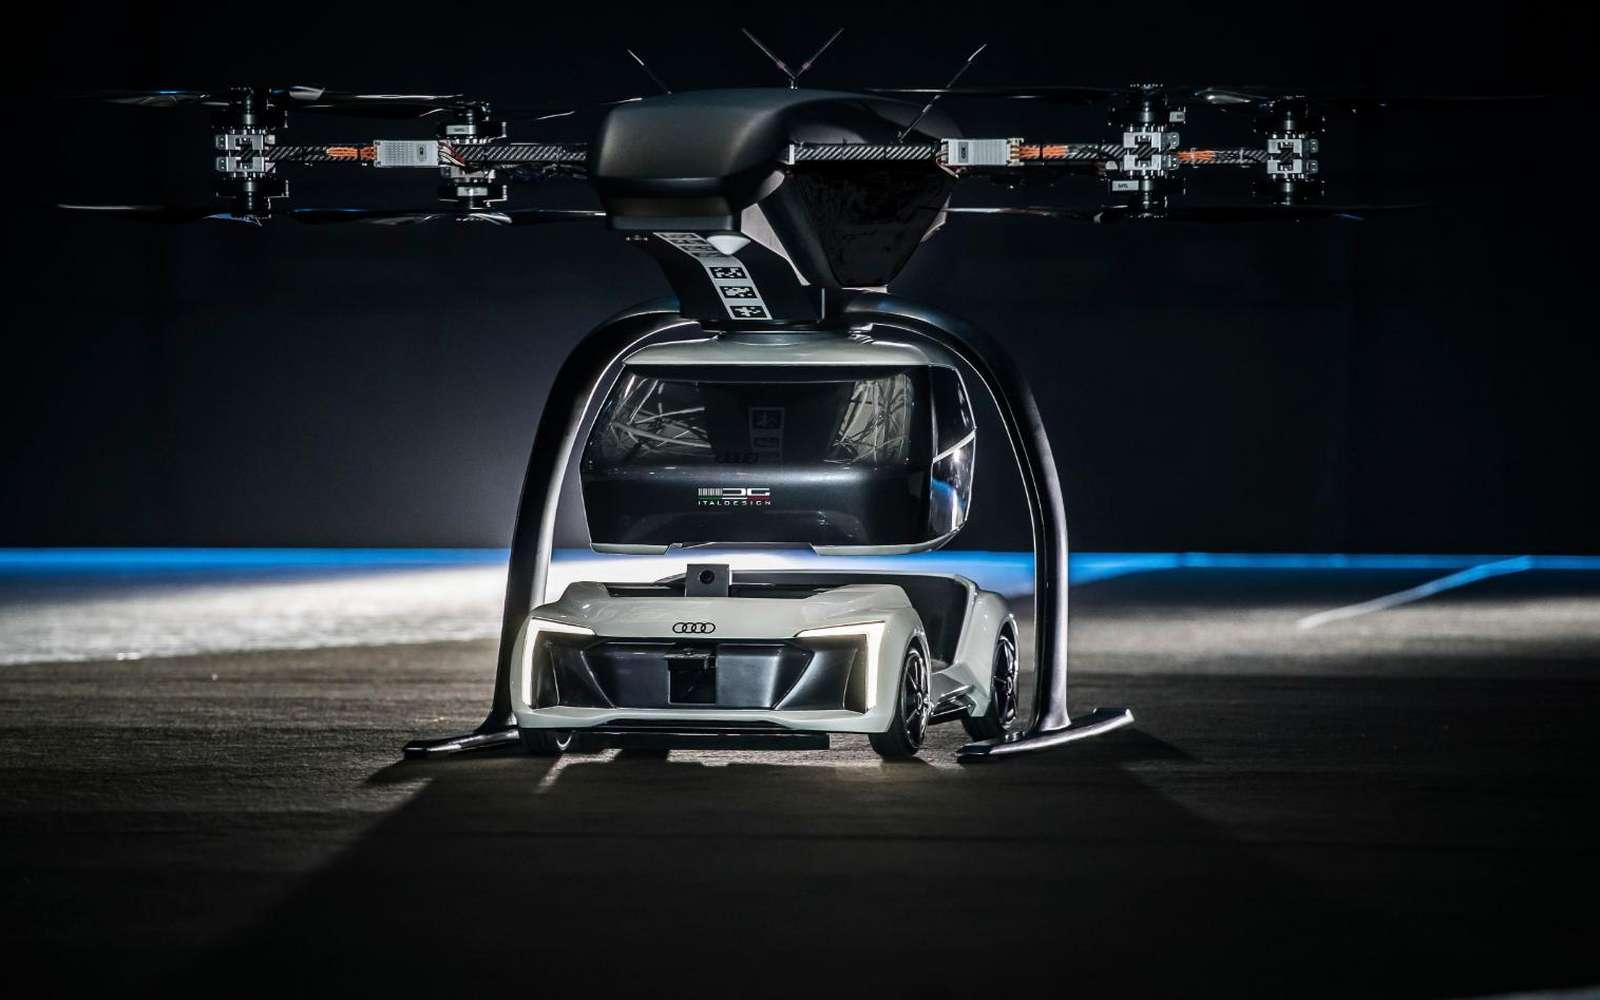 Le concept Pop.Up imaginé par Airbus, Audi et Italdesign prend le contre-pied des projets de voitures volantes existants, en créant une capsule indépendante qui vient se connecter à un module automobile ou aérien. © Airbus, Audi, Italdesign